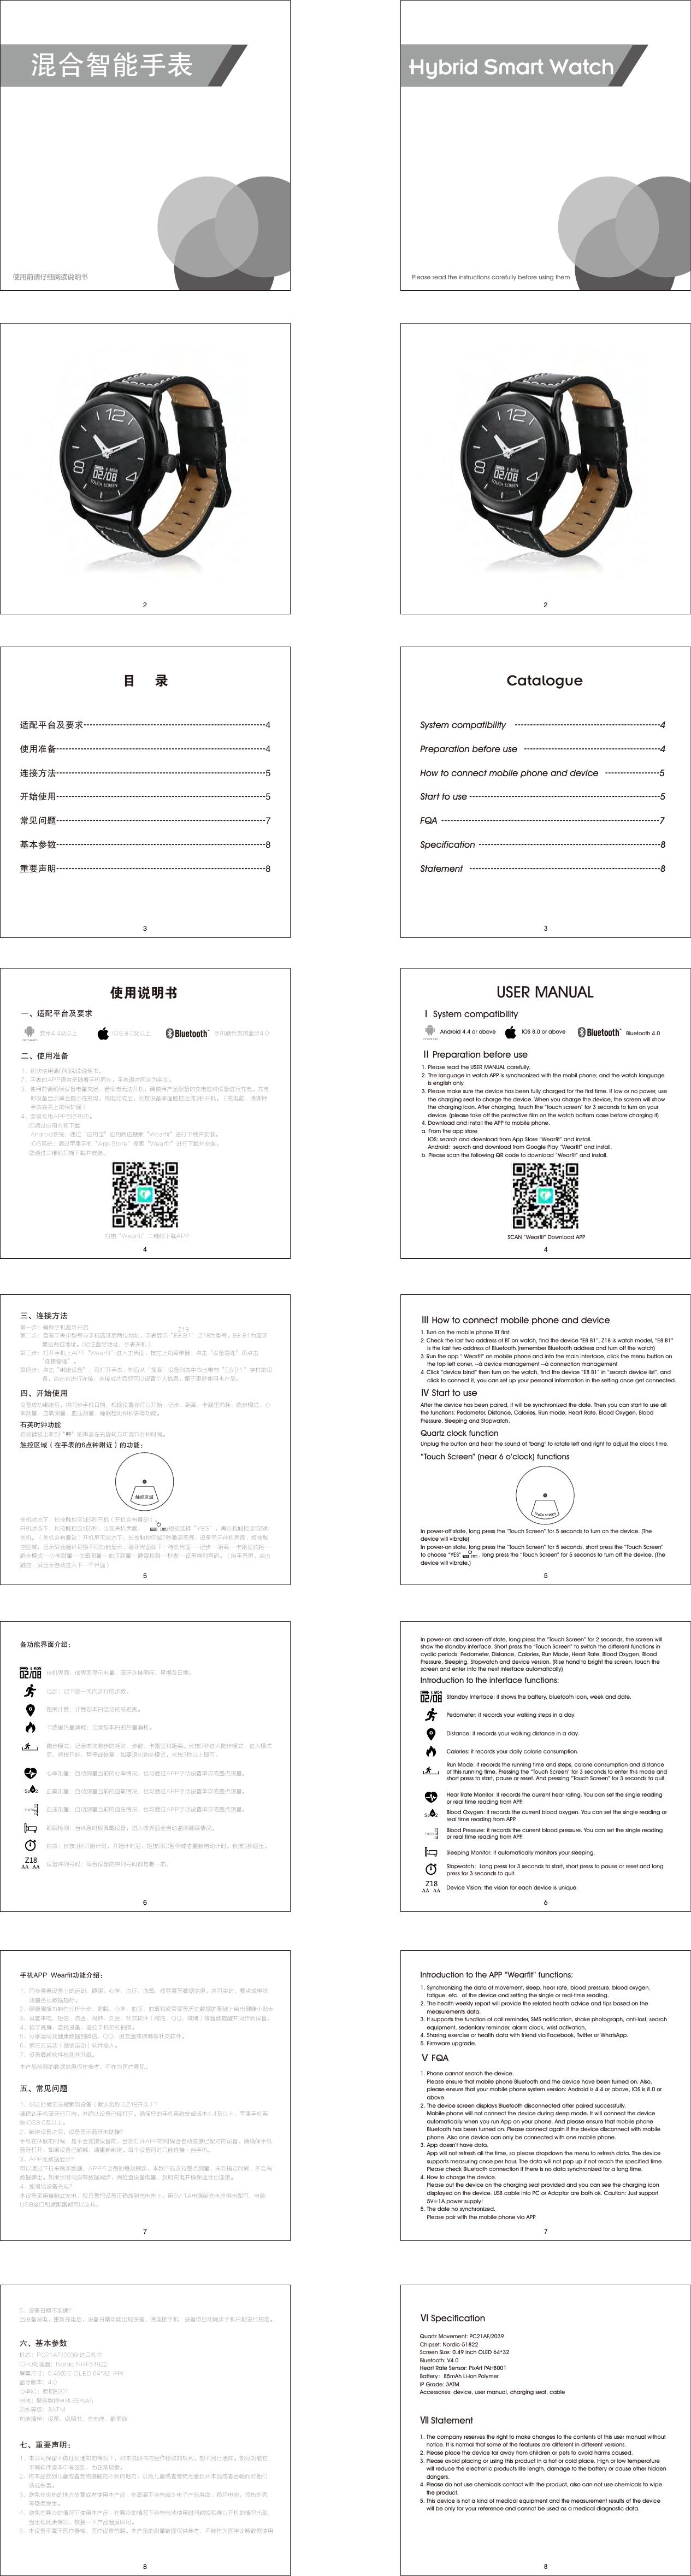 Chenyu Technology Z18 Smart watch User Manual